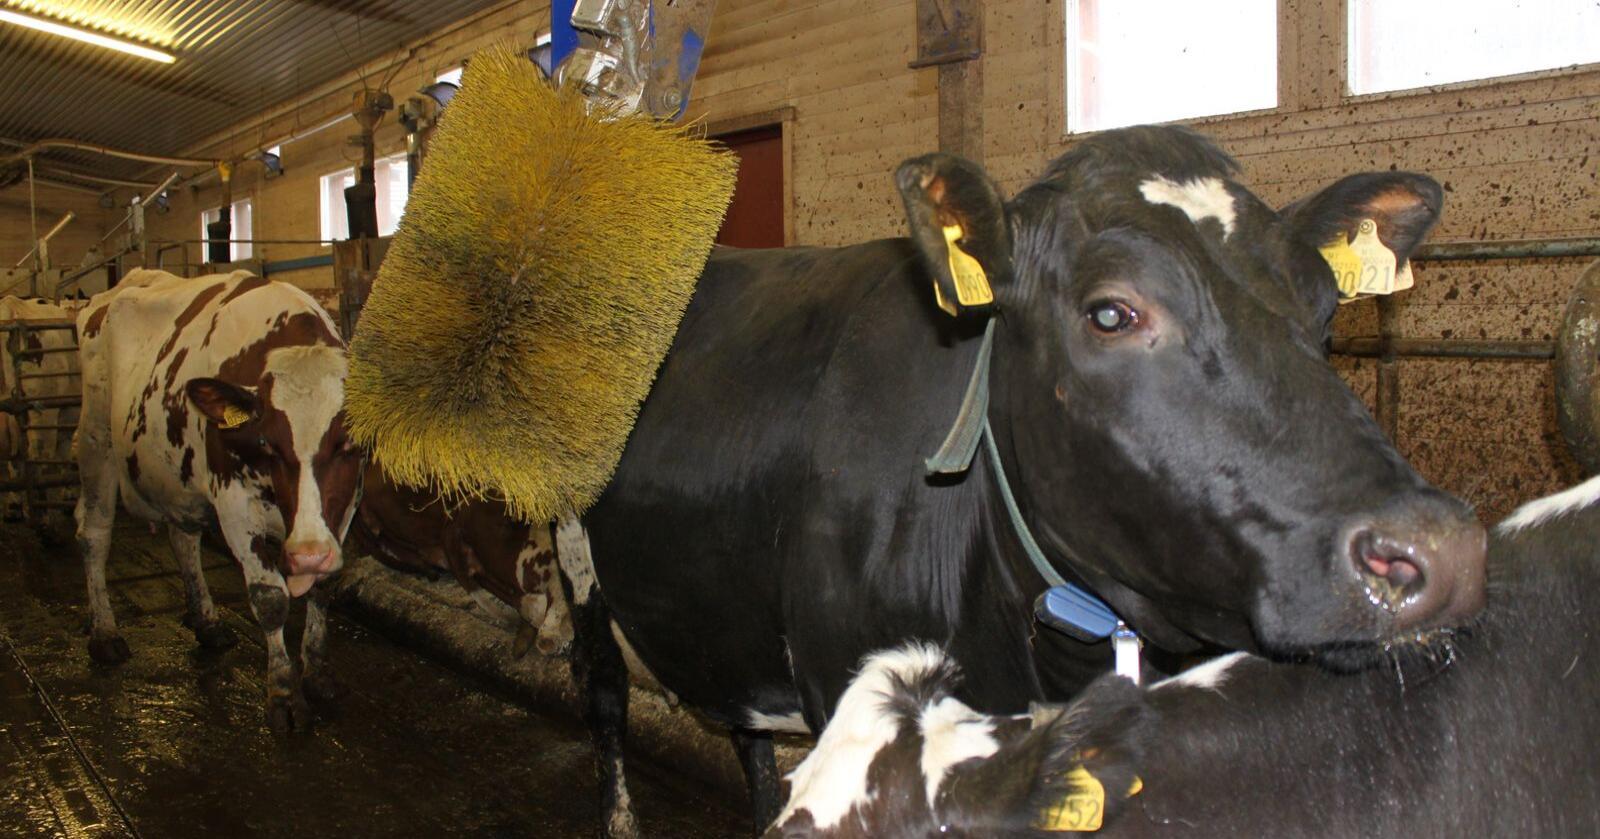 Dyrevelferdsindikatoren beregnes ut fra data fra kukontrollen. Derfor medfører det ikke noe merarbeid for melkeprodusentene. Foto: Dag Idar Jøsang